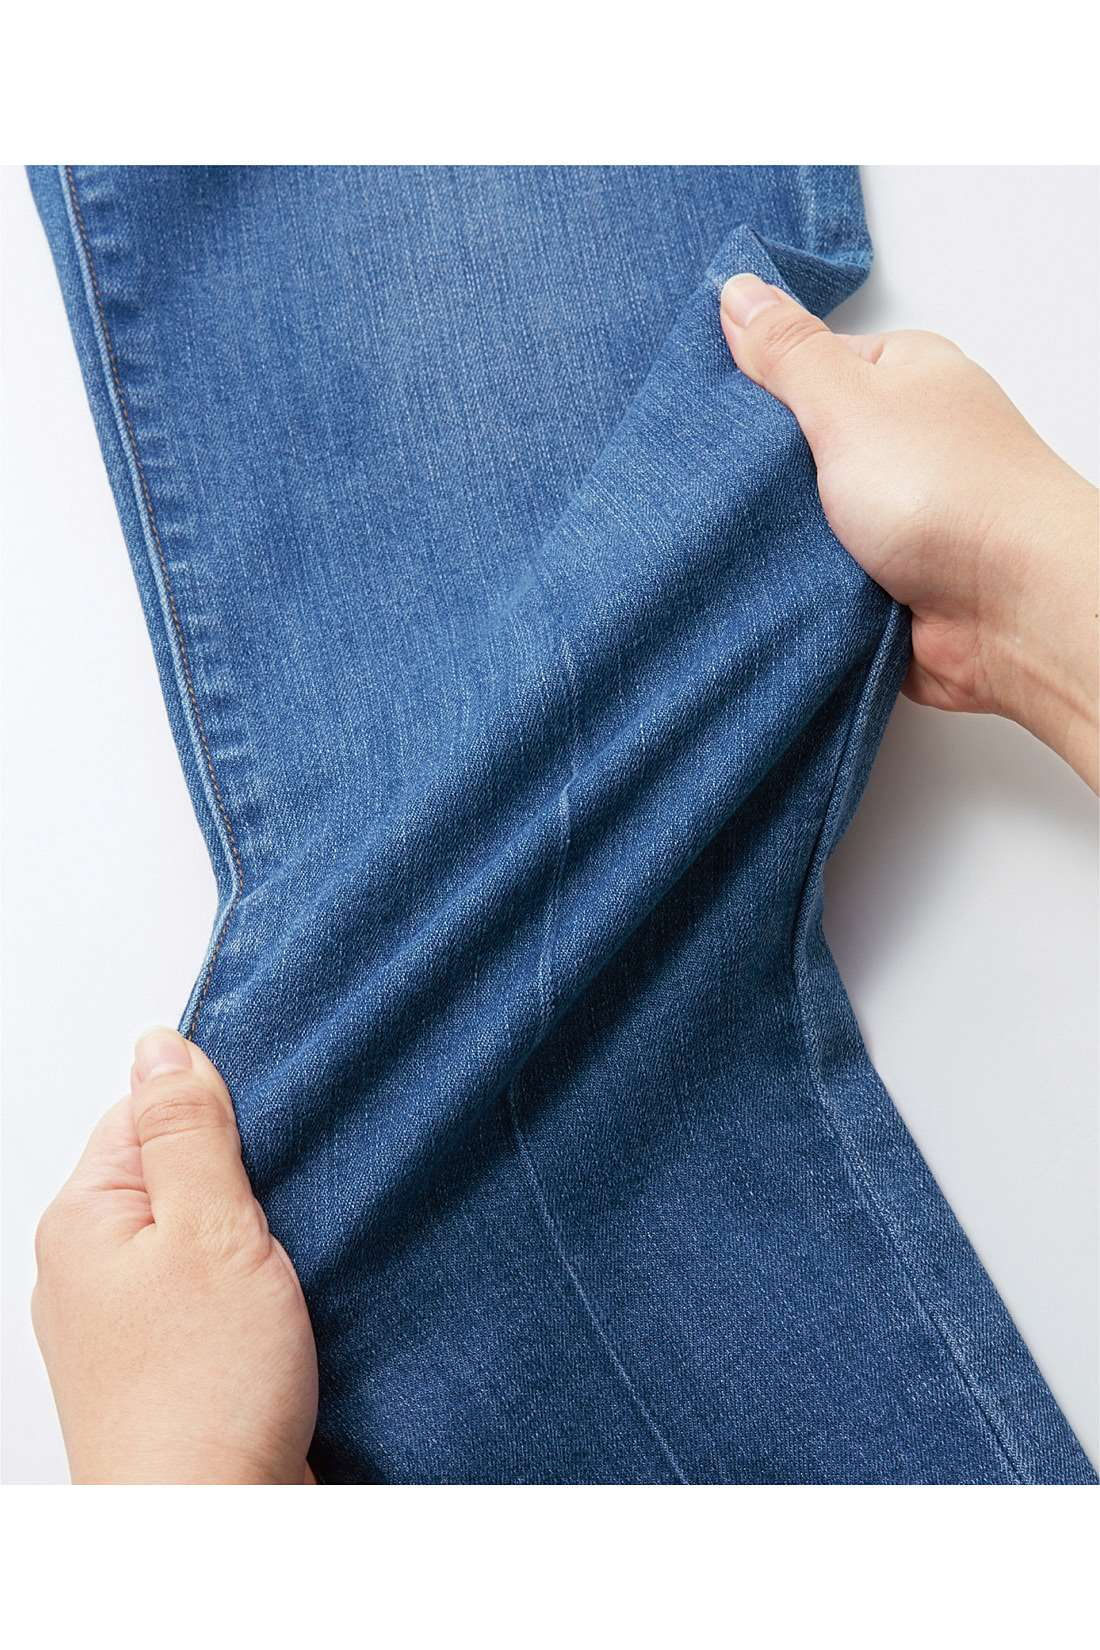 ストレスフリーの軽さが特徴の伸びやかなストレッチ素材。